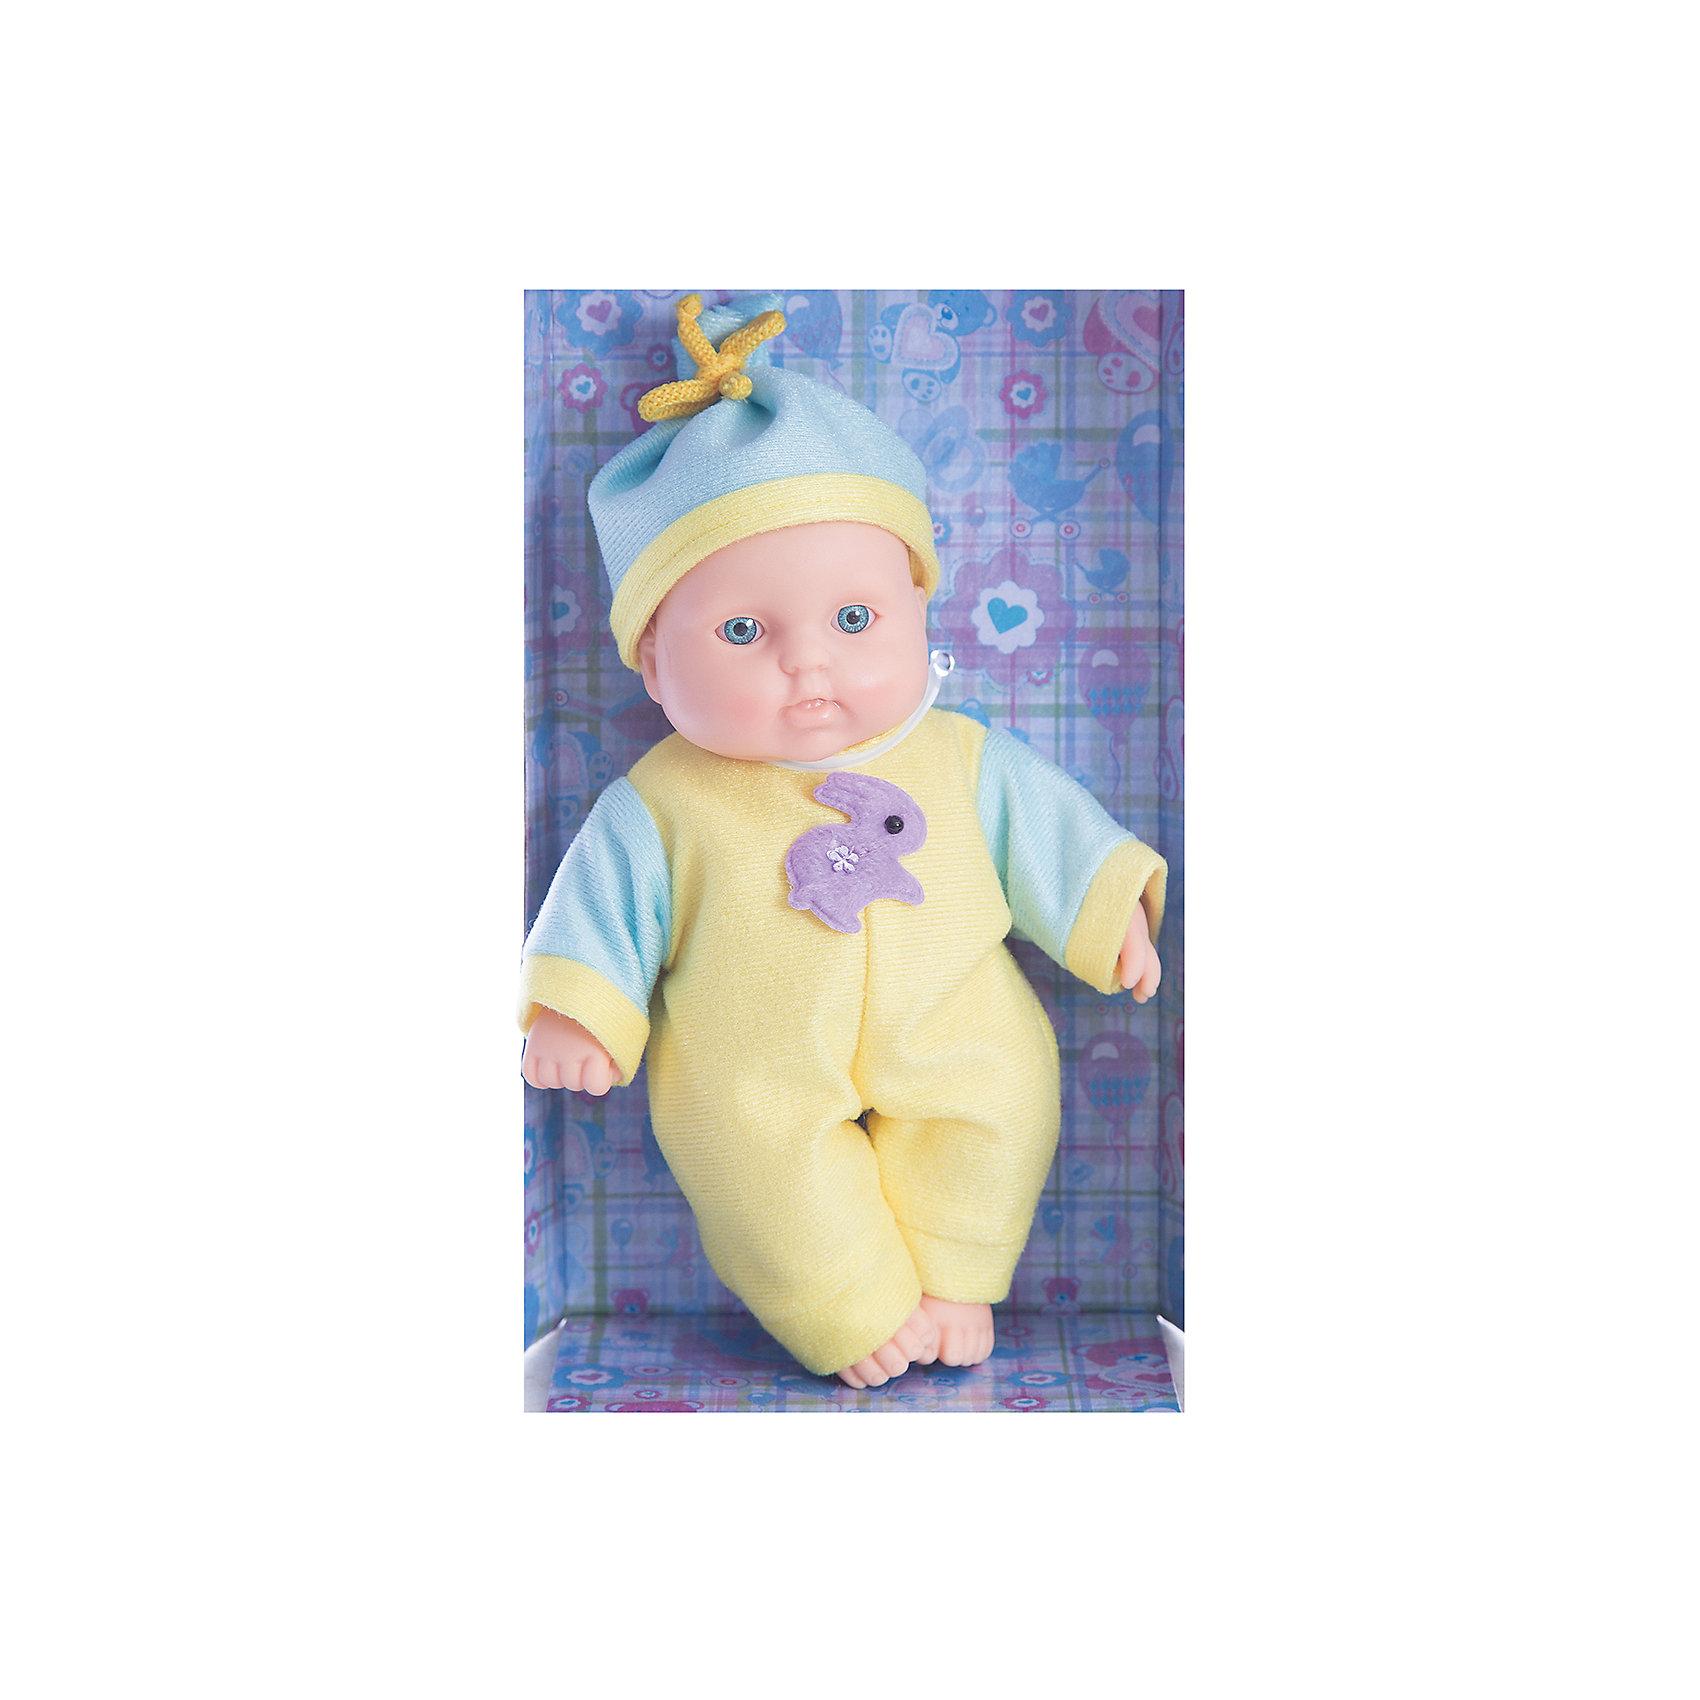 Весна Кукла Карапуз 10 (мальчик), 20 см, Весна карапуз кукла рапунцель со светящимся амулетом 37 см со звуком принцессы дисней карапуз